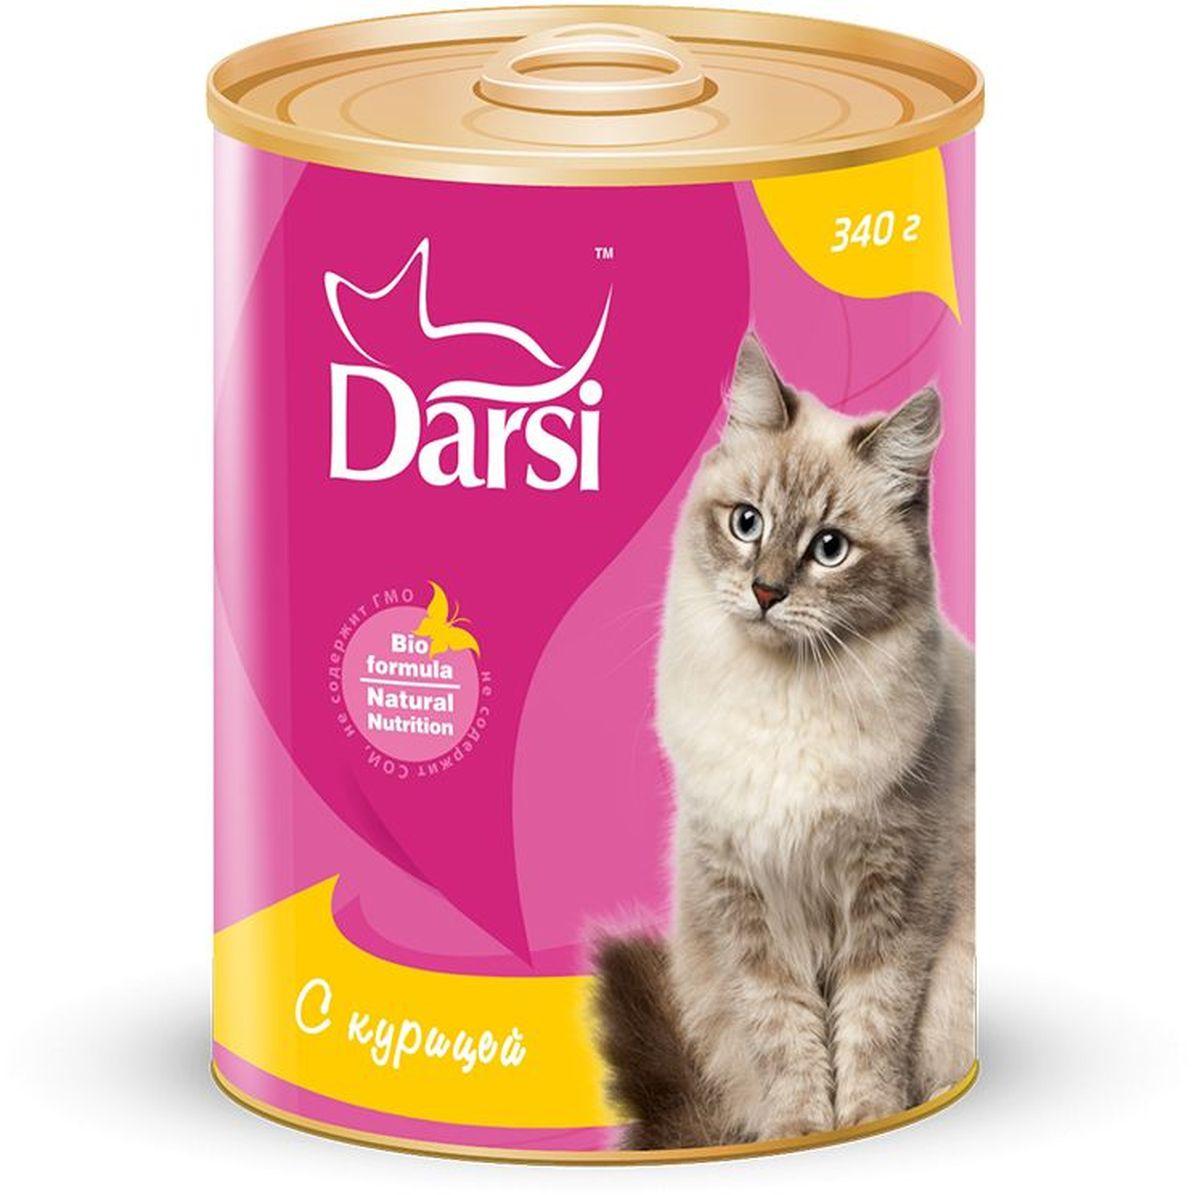 Консервы для кошек Darsi, с курицей, 340 г. 92599259Полнорационный консервированный корм для кошек в виде фарша.